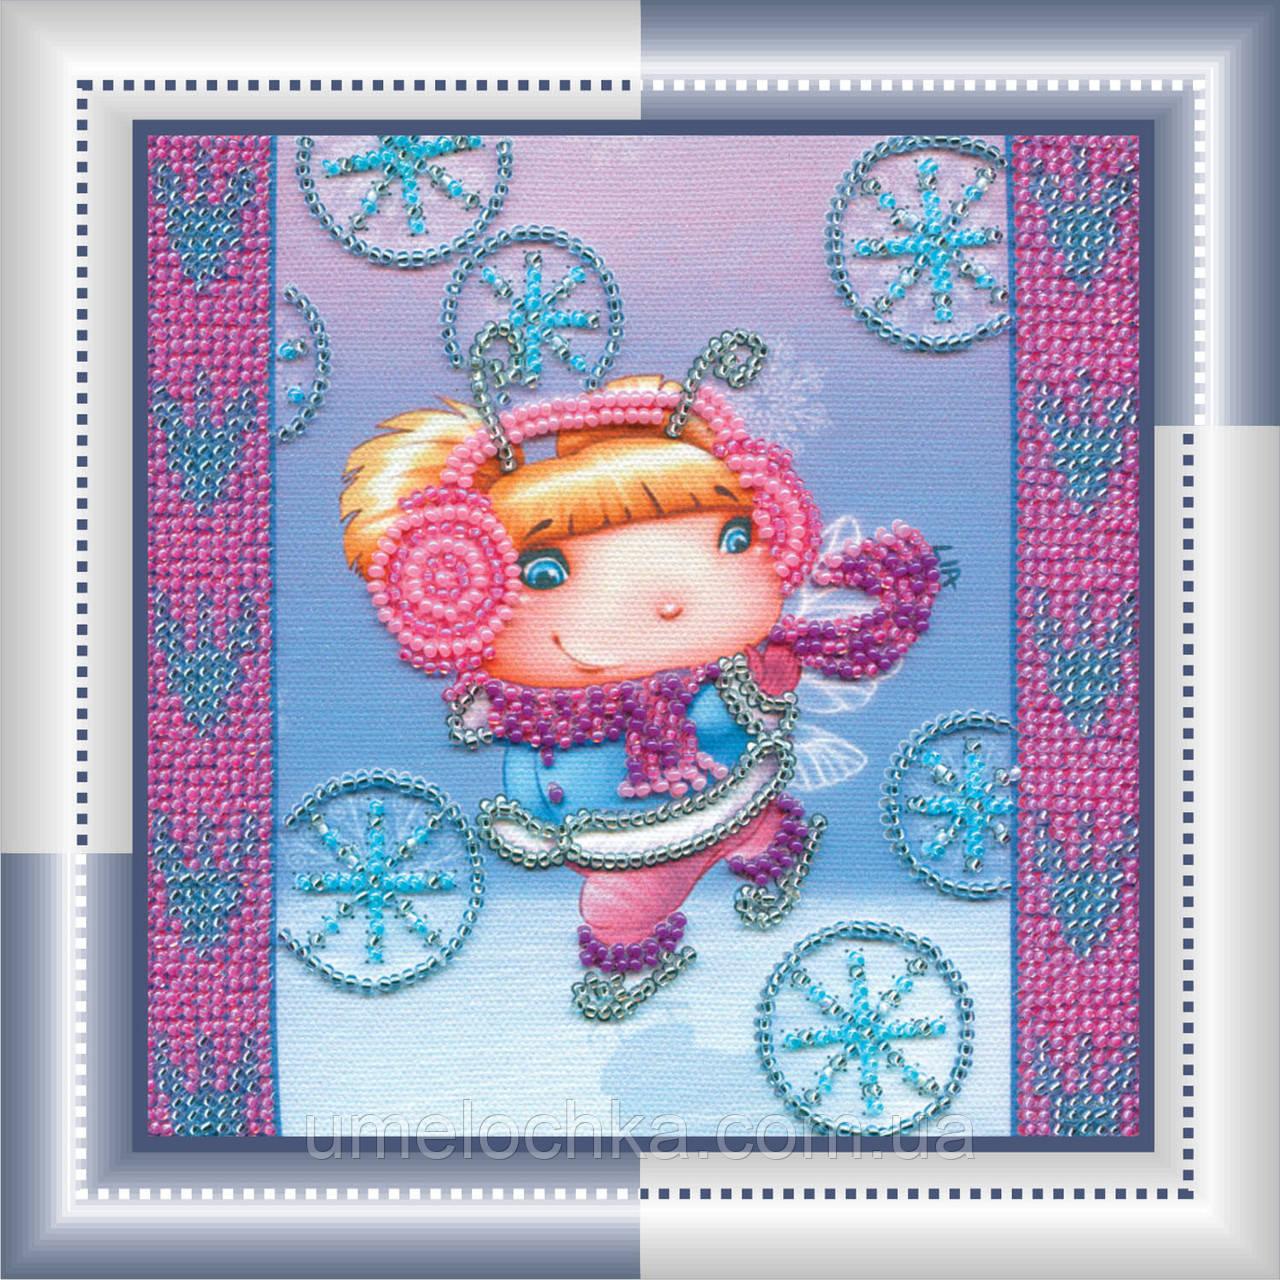 Набор для вышивки бисером на натуральном художественном холсте Снежный ангел